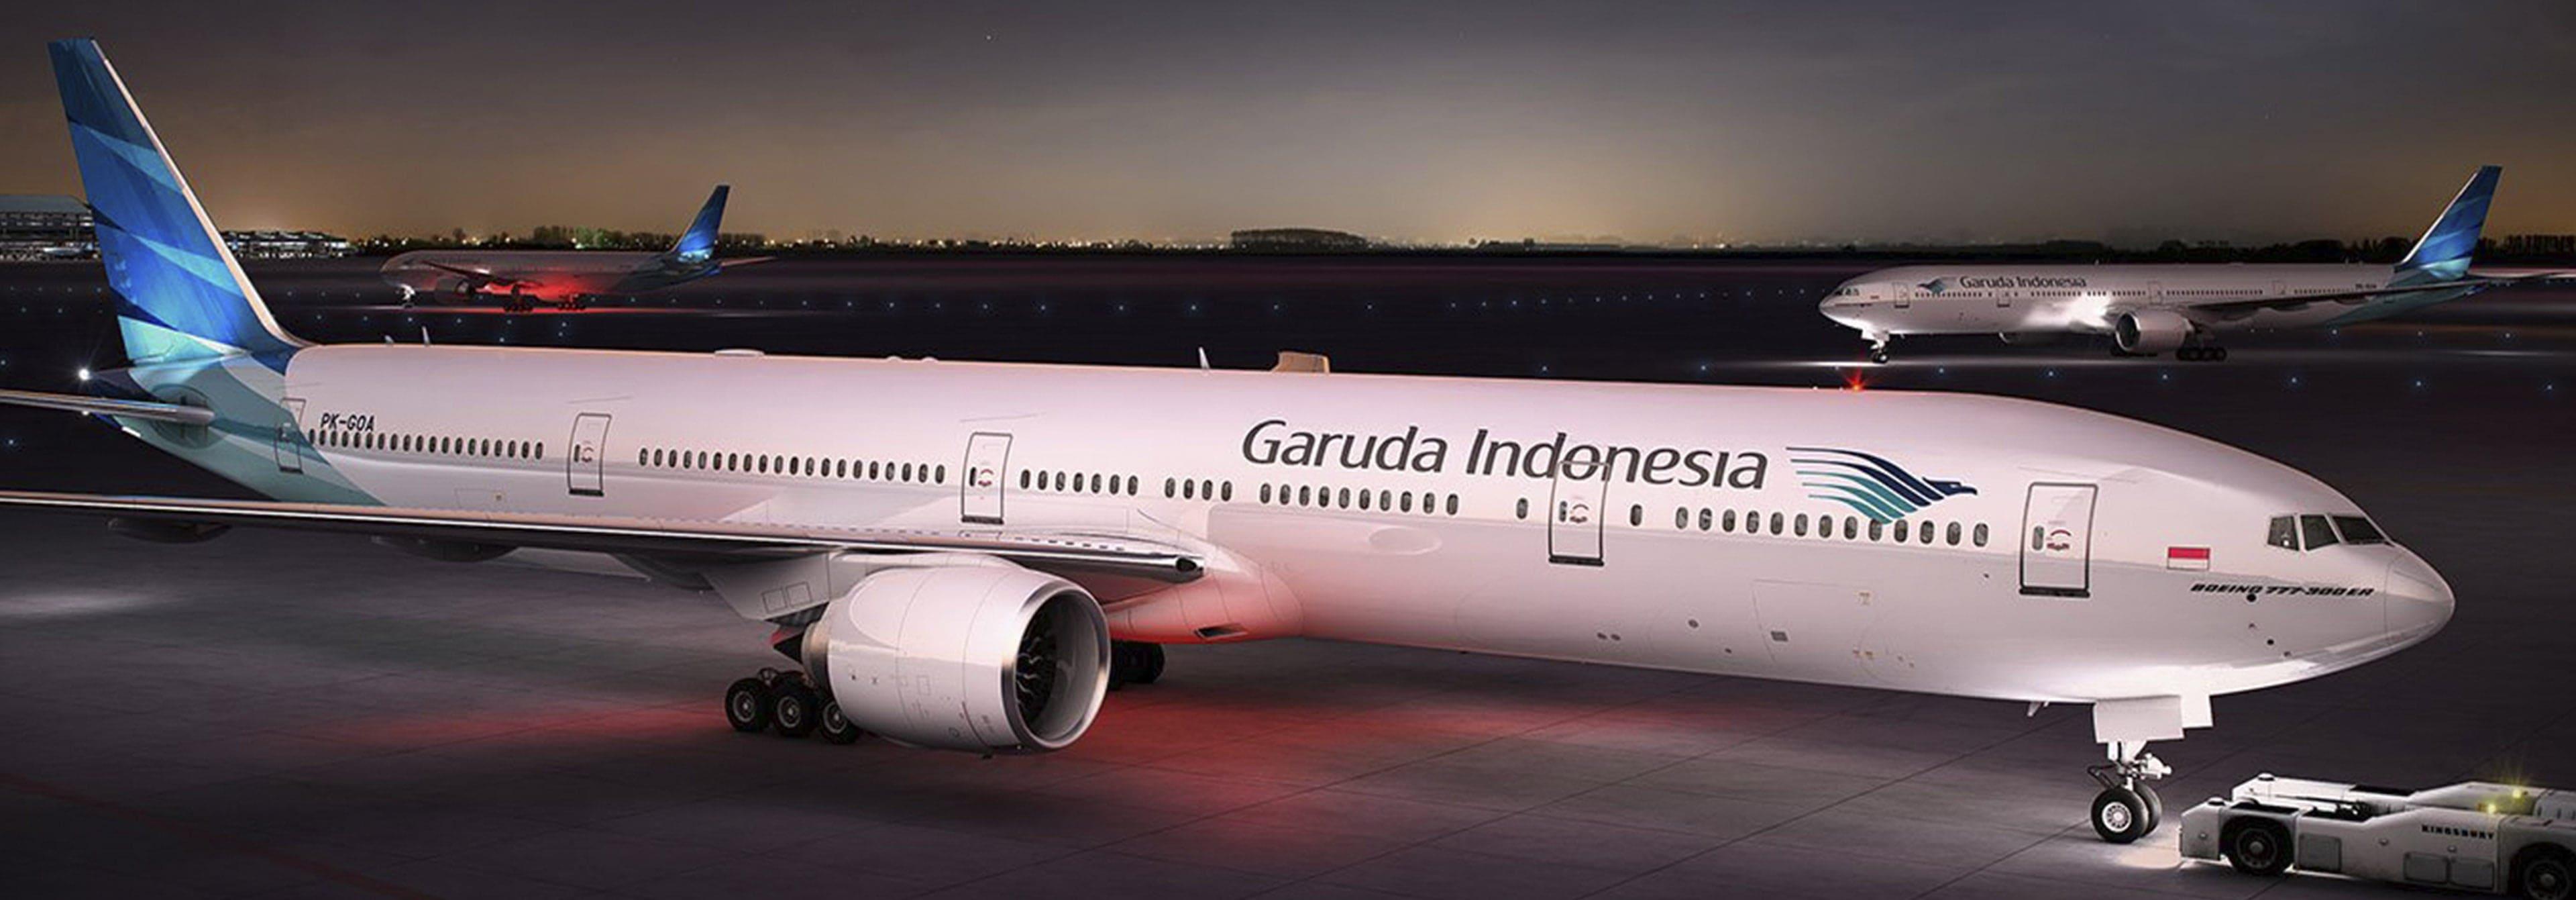 Transporte- aerolínea Indonesia